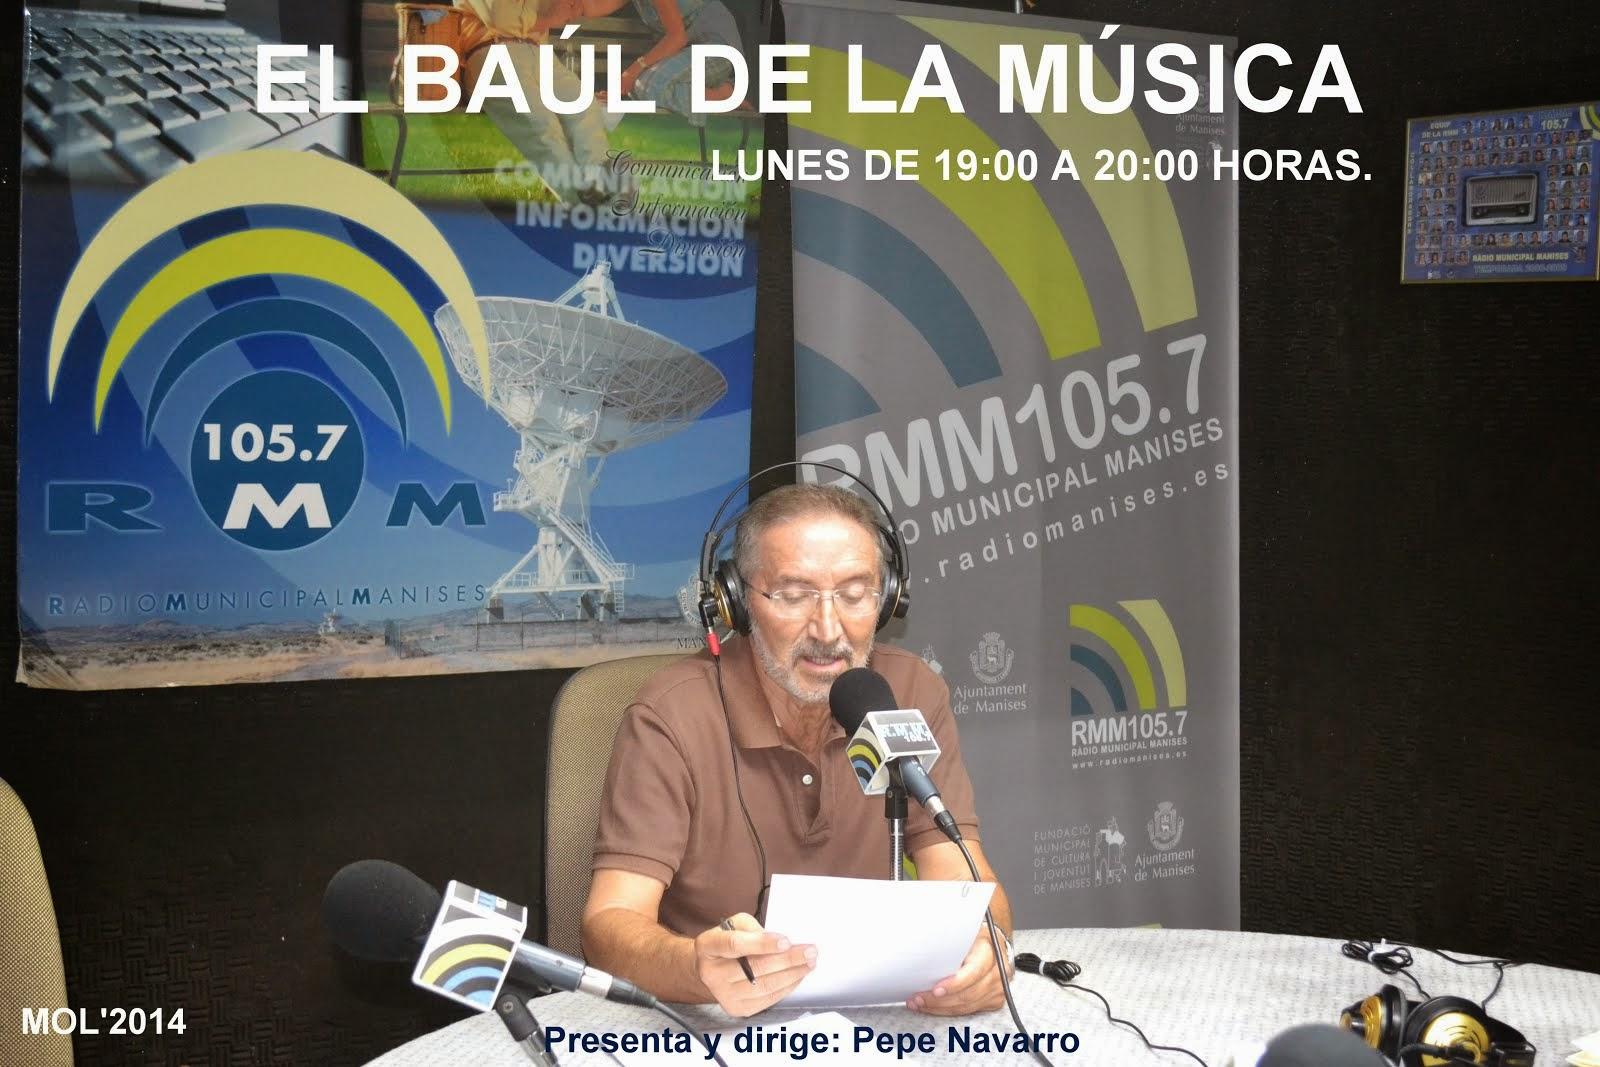 EL BAÚL DE LA MÚSICA EN RMM, LOS LUNES DE 19:00 A 20:00 HRS.